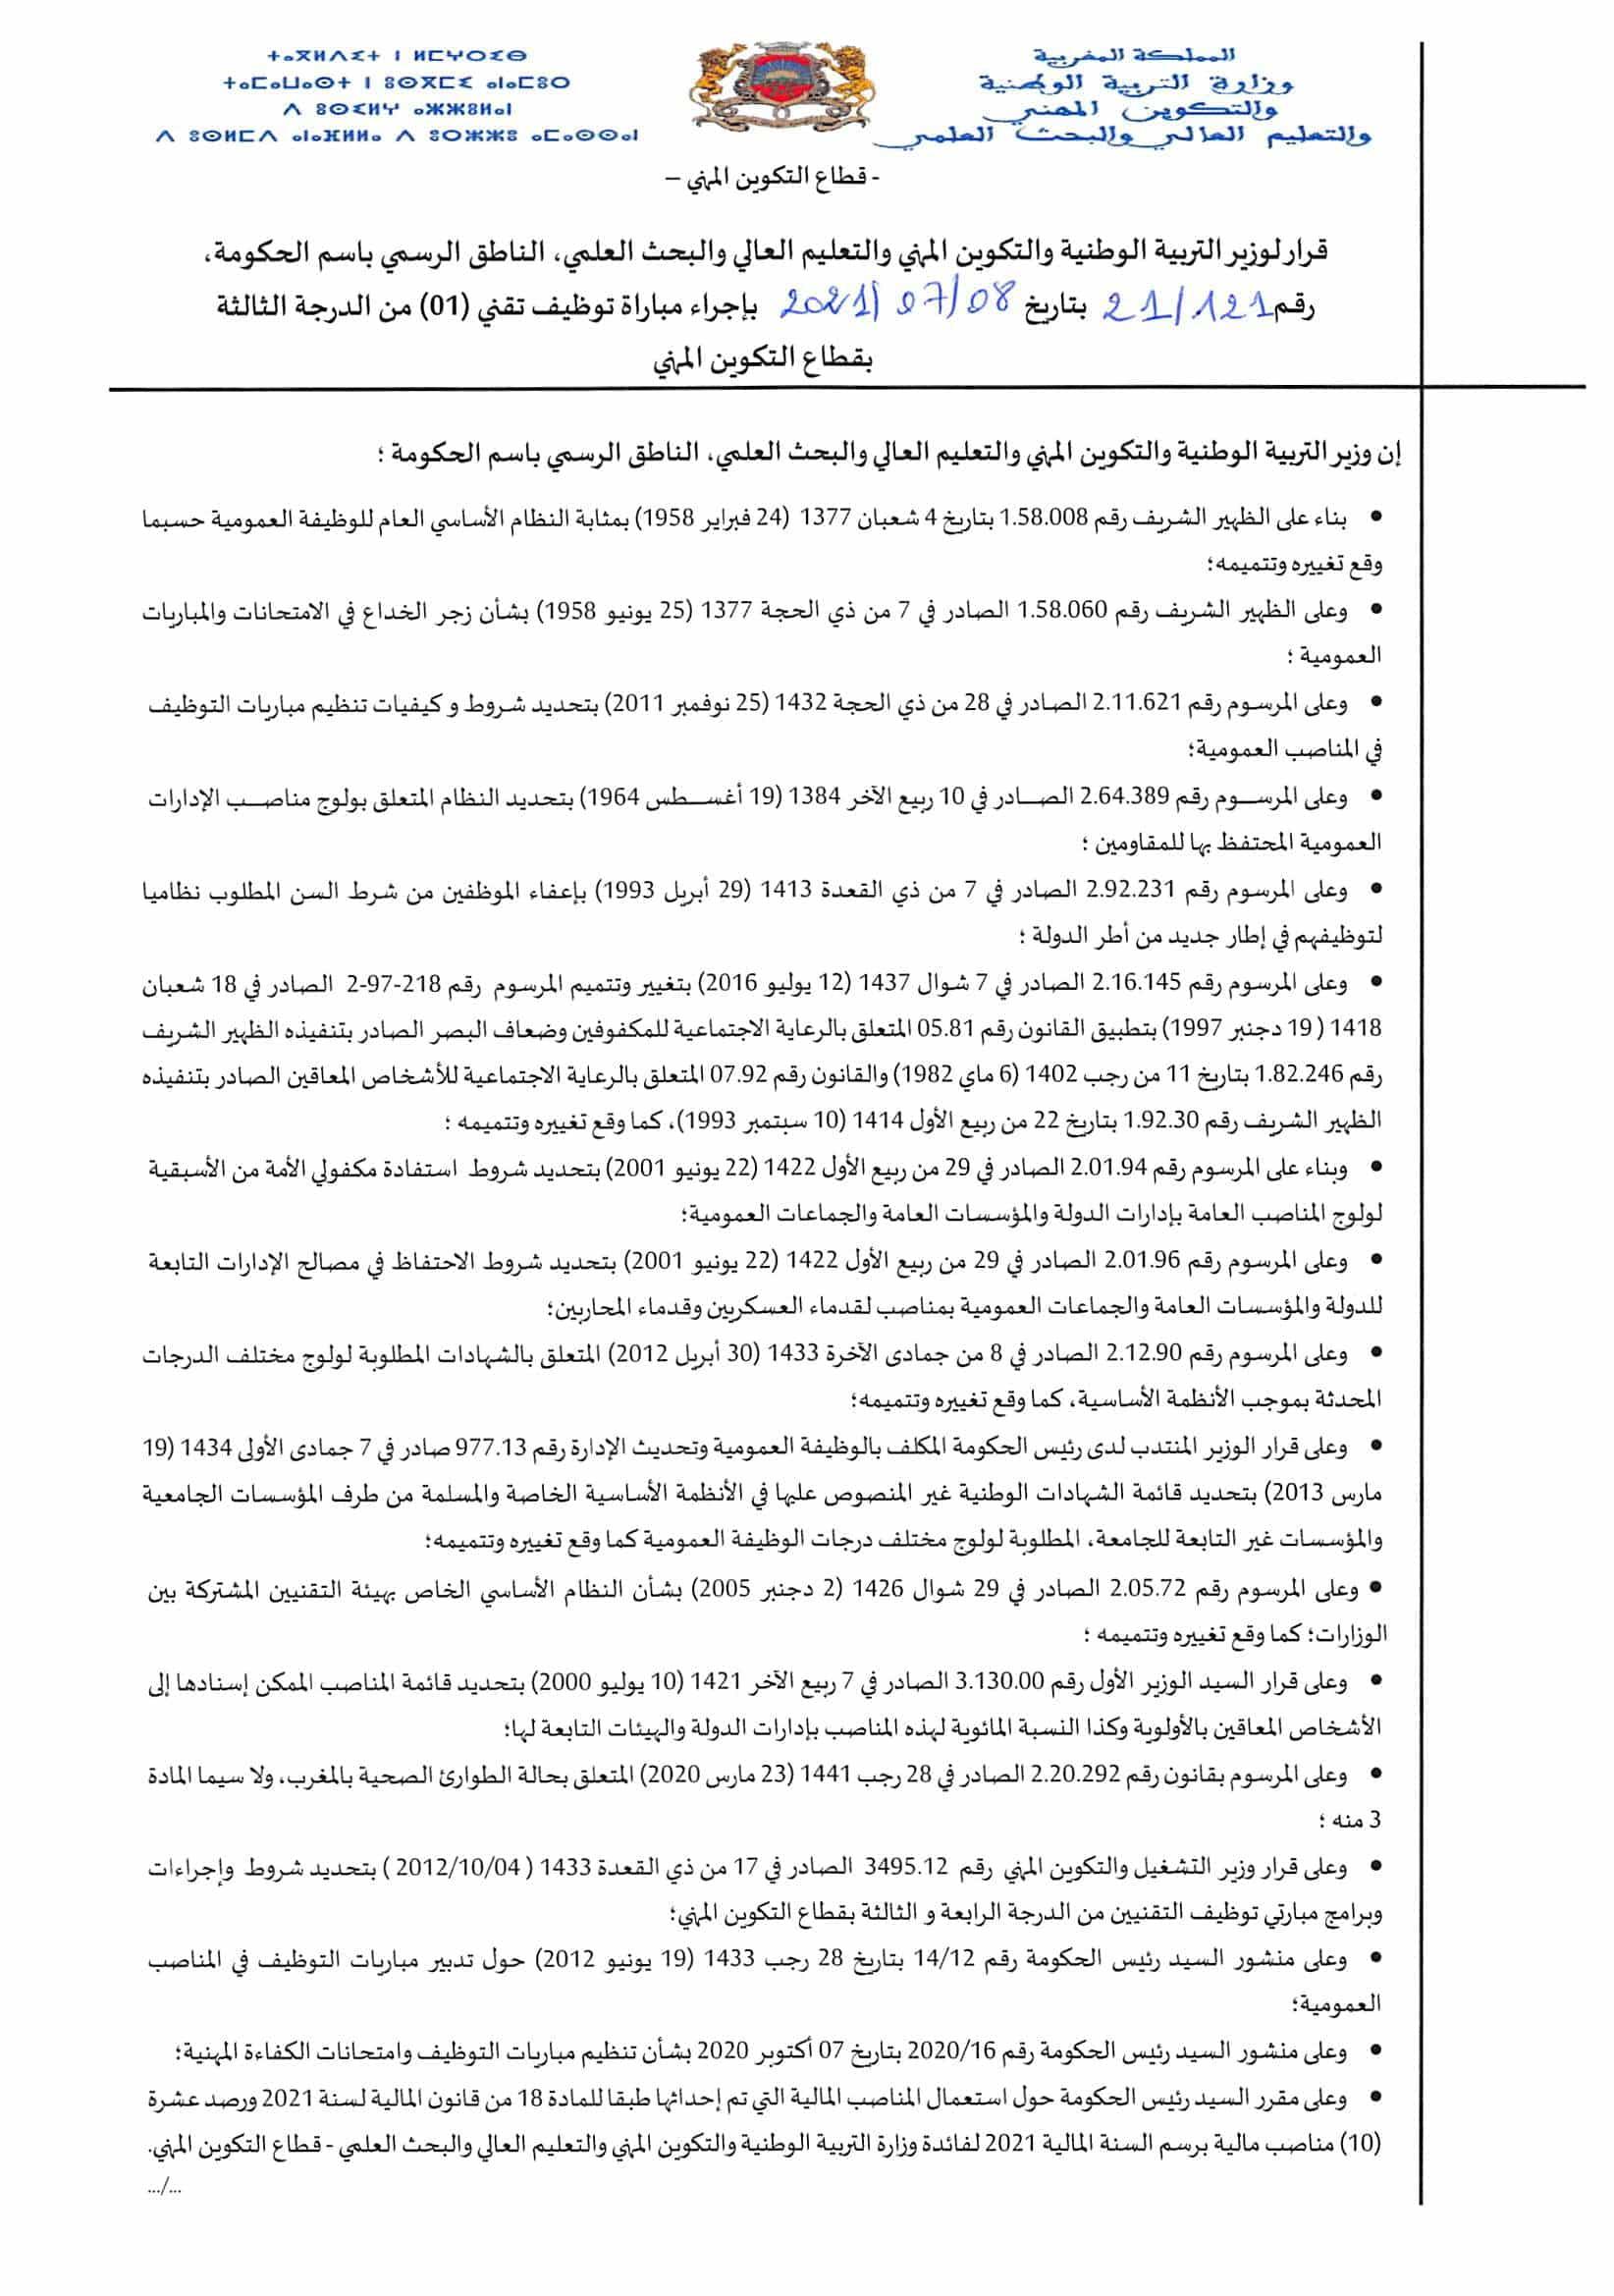 37 1 Résultats Concours Ministère de l'Education Nationale 2021 (10 Postes)